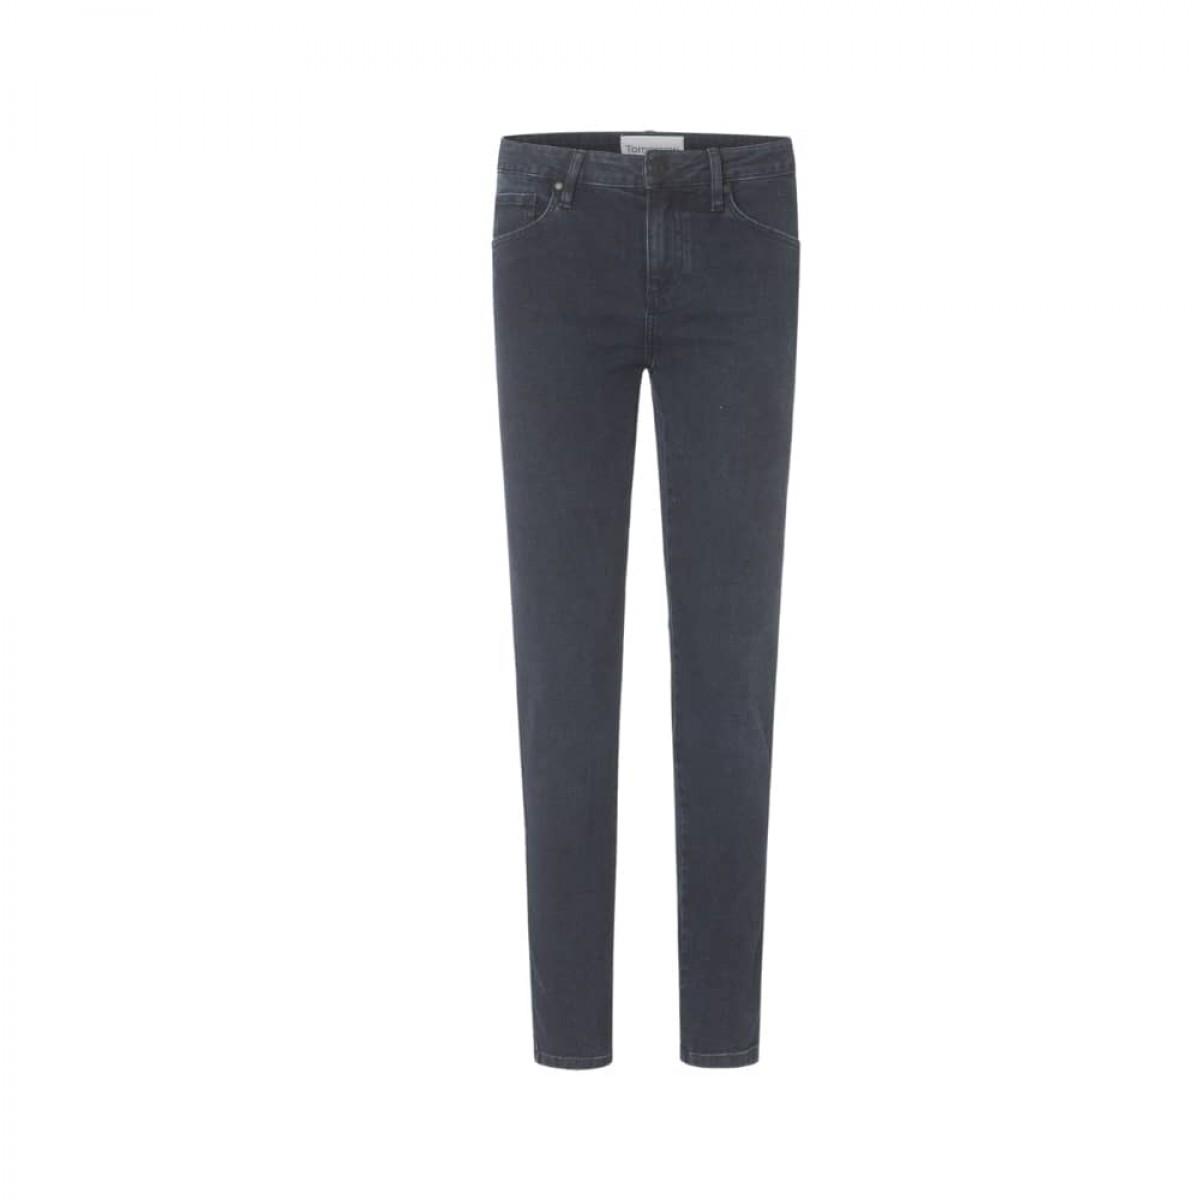 dylan slim jeans - denim blue - front